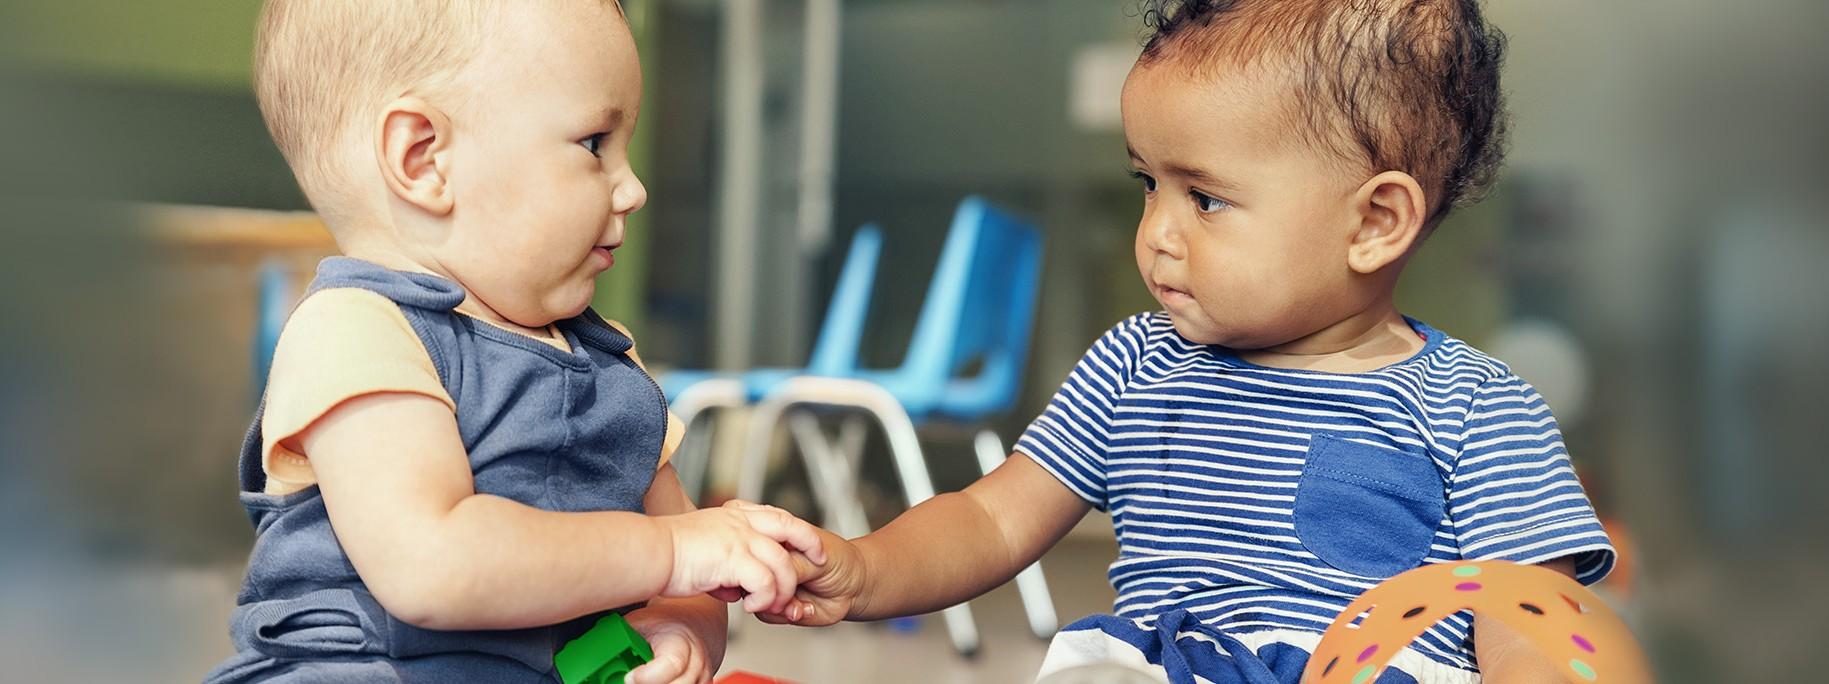 Zwei Babies spielen zusammen mit bunten Bausteinen